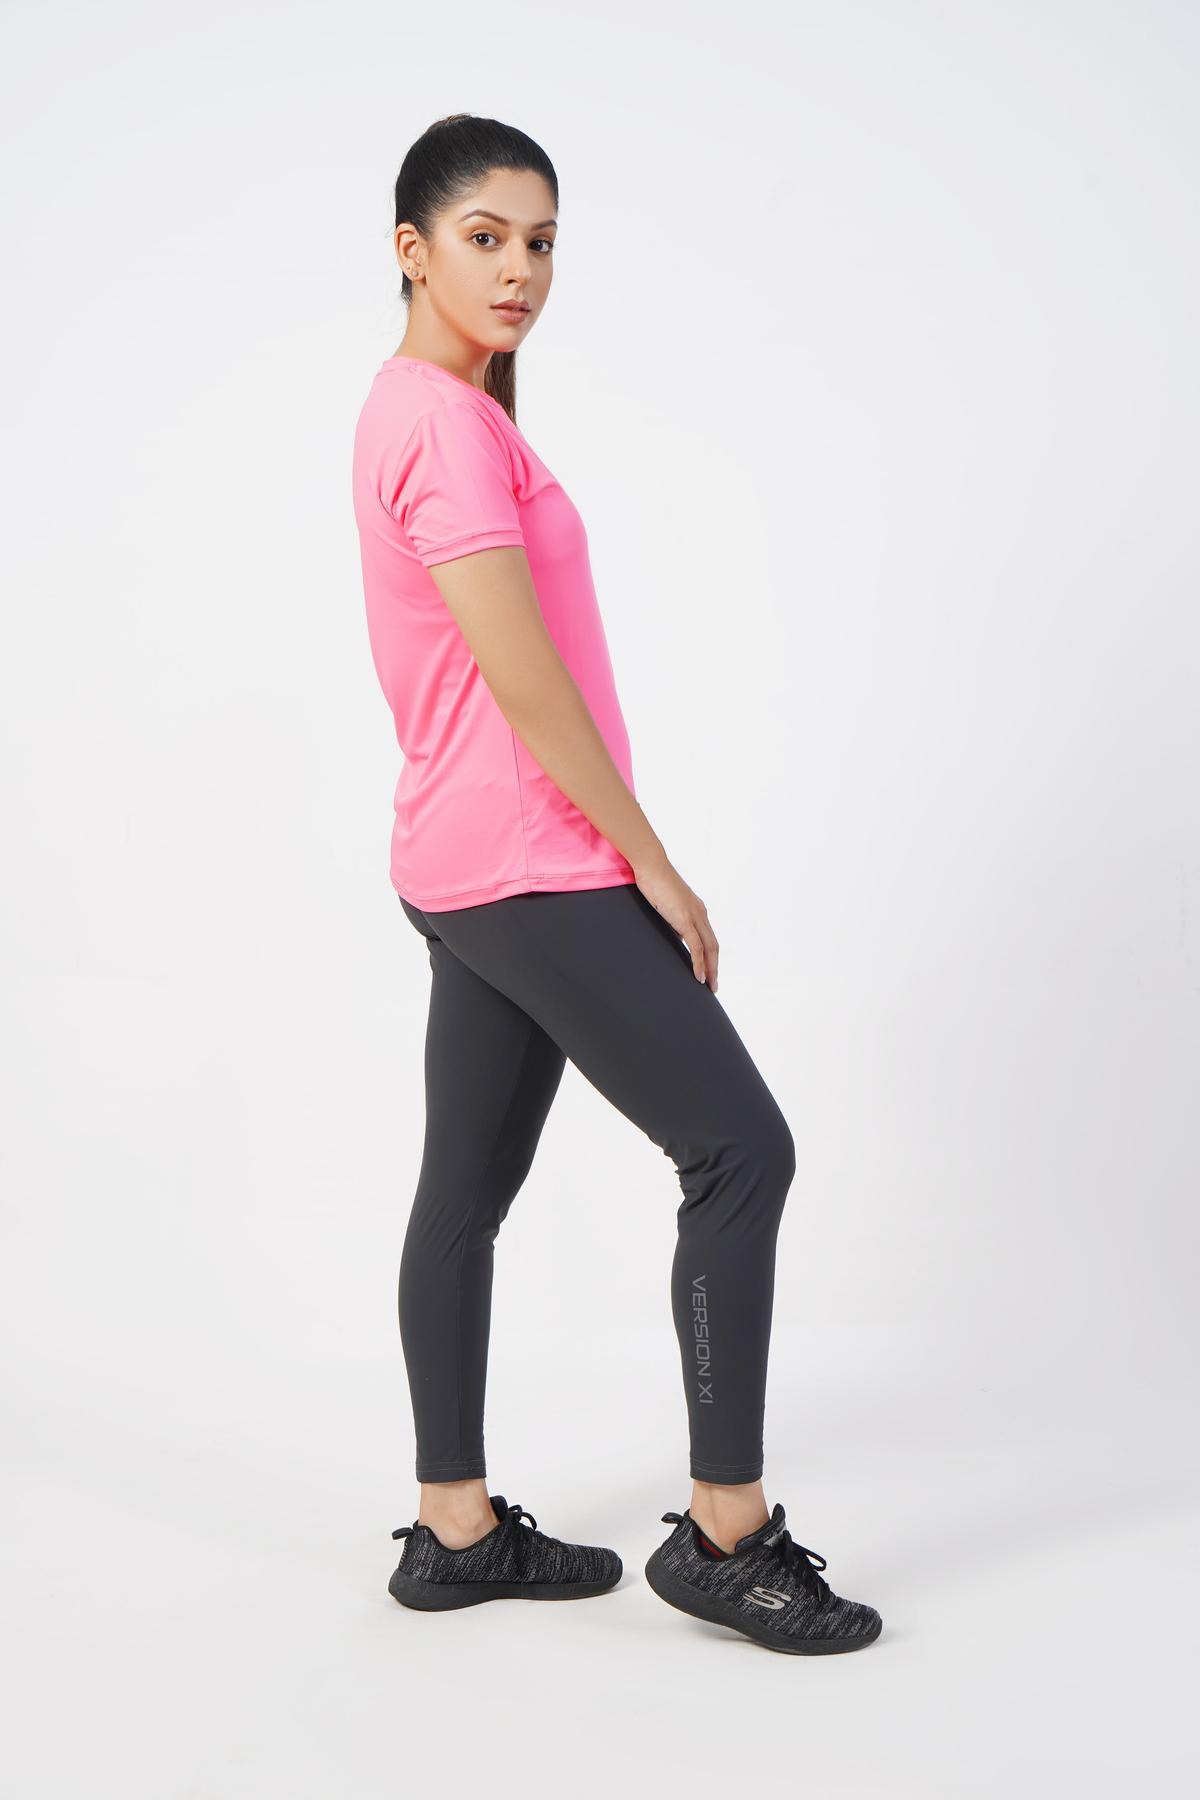 Fizz Pink T-Shirt women - activewear